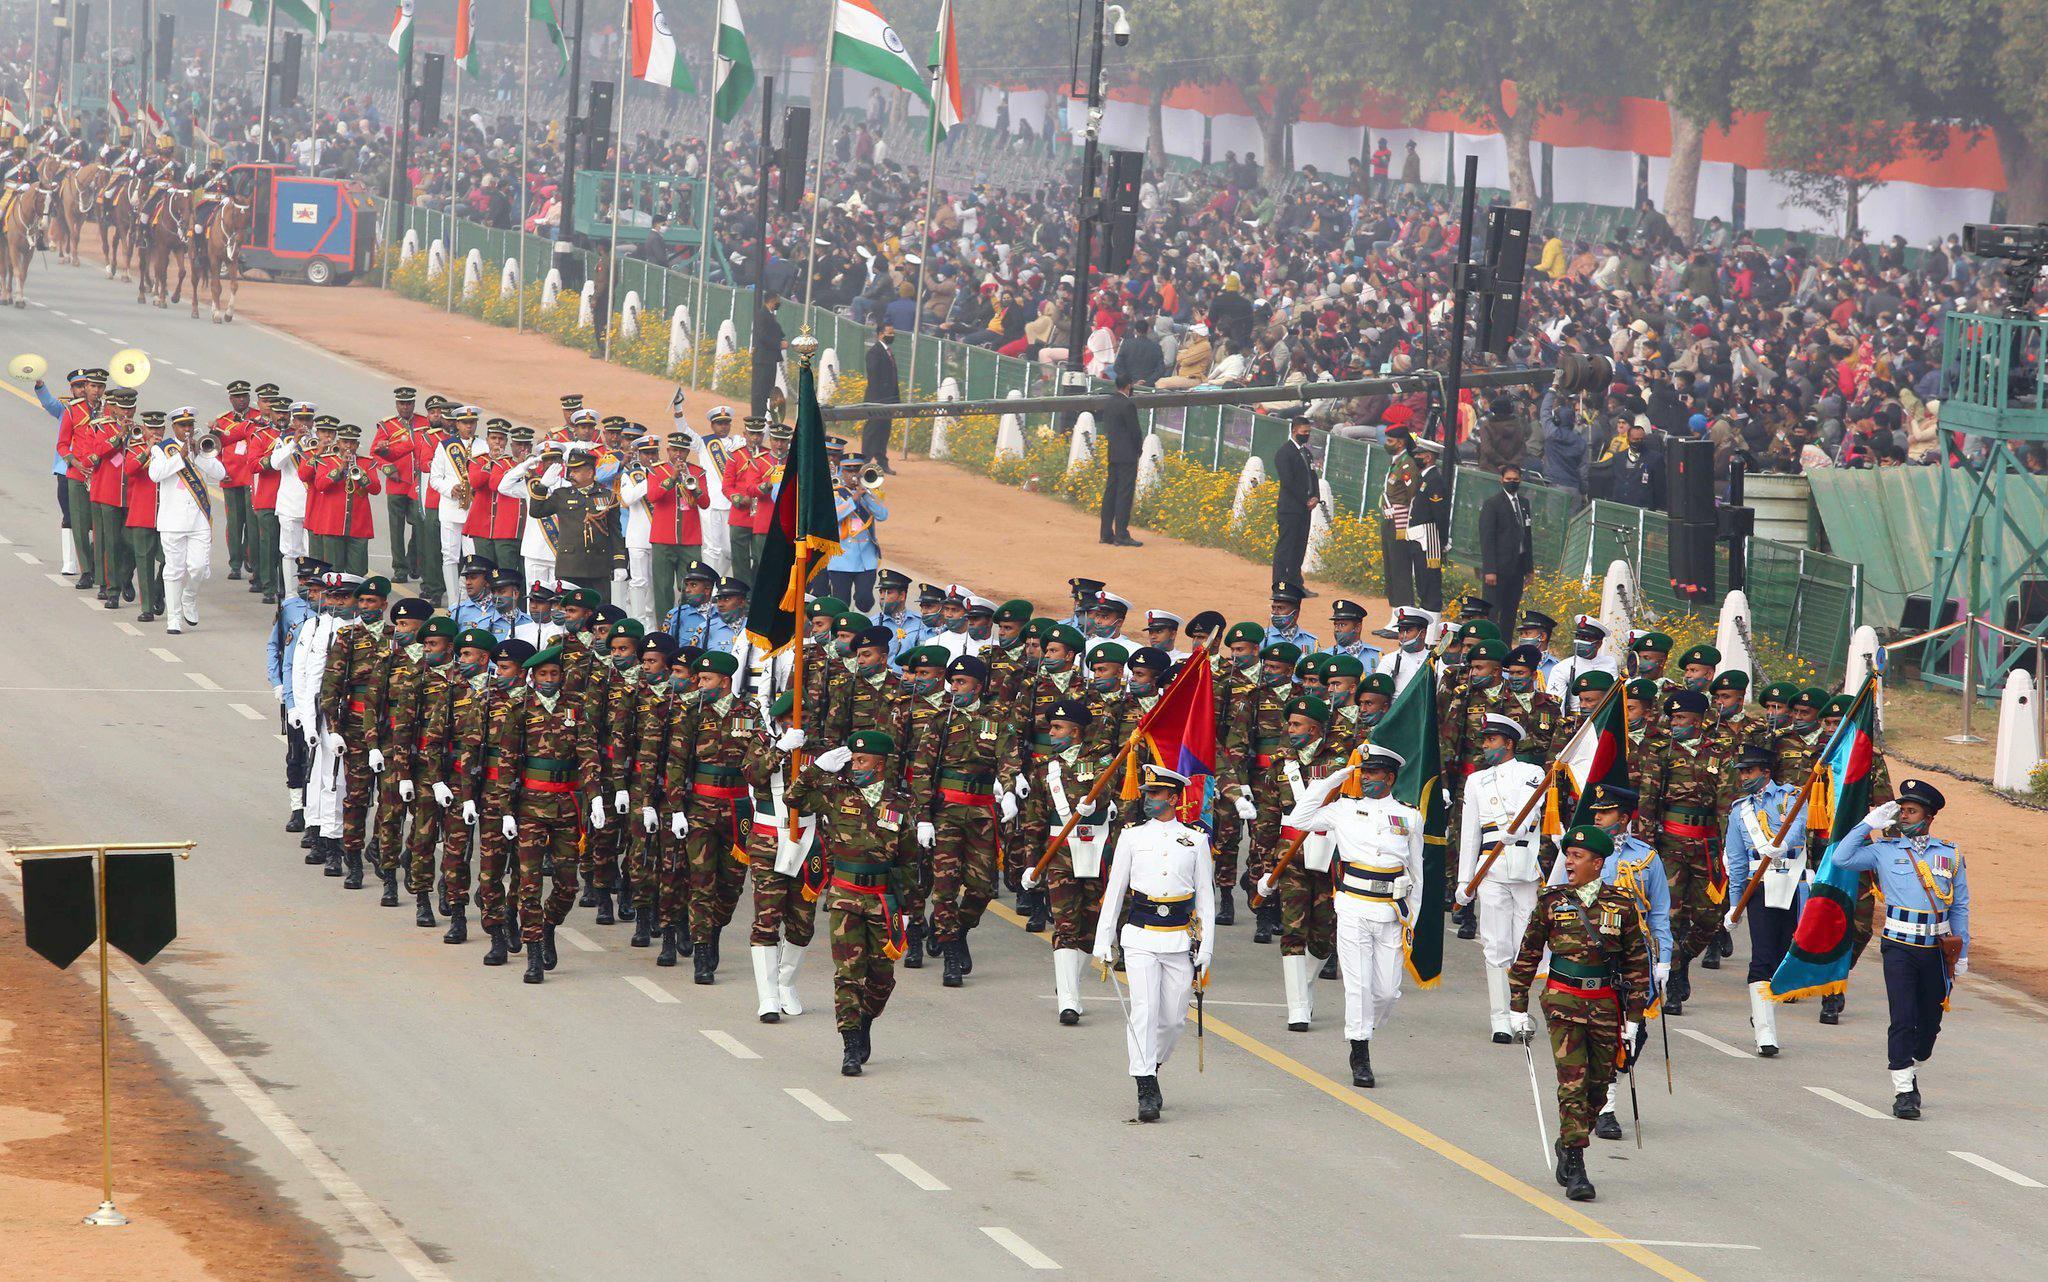 ভারতের প্রজাতন্ত্র দিবসে বাংলাদেশের সশস্ত্র বাহিনী